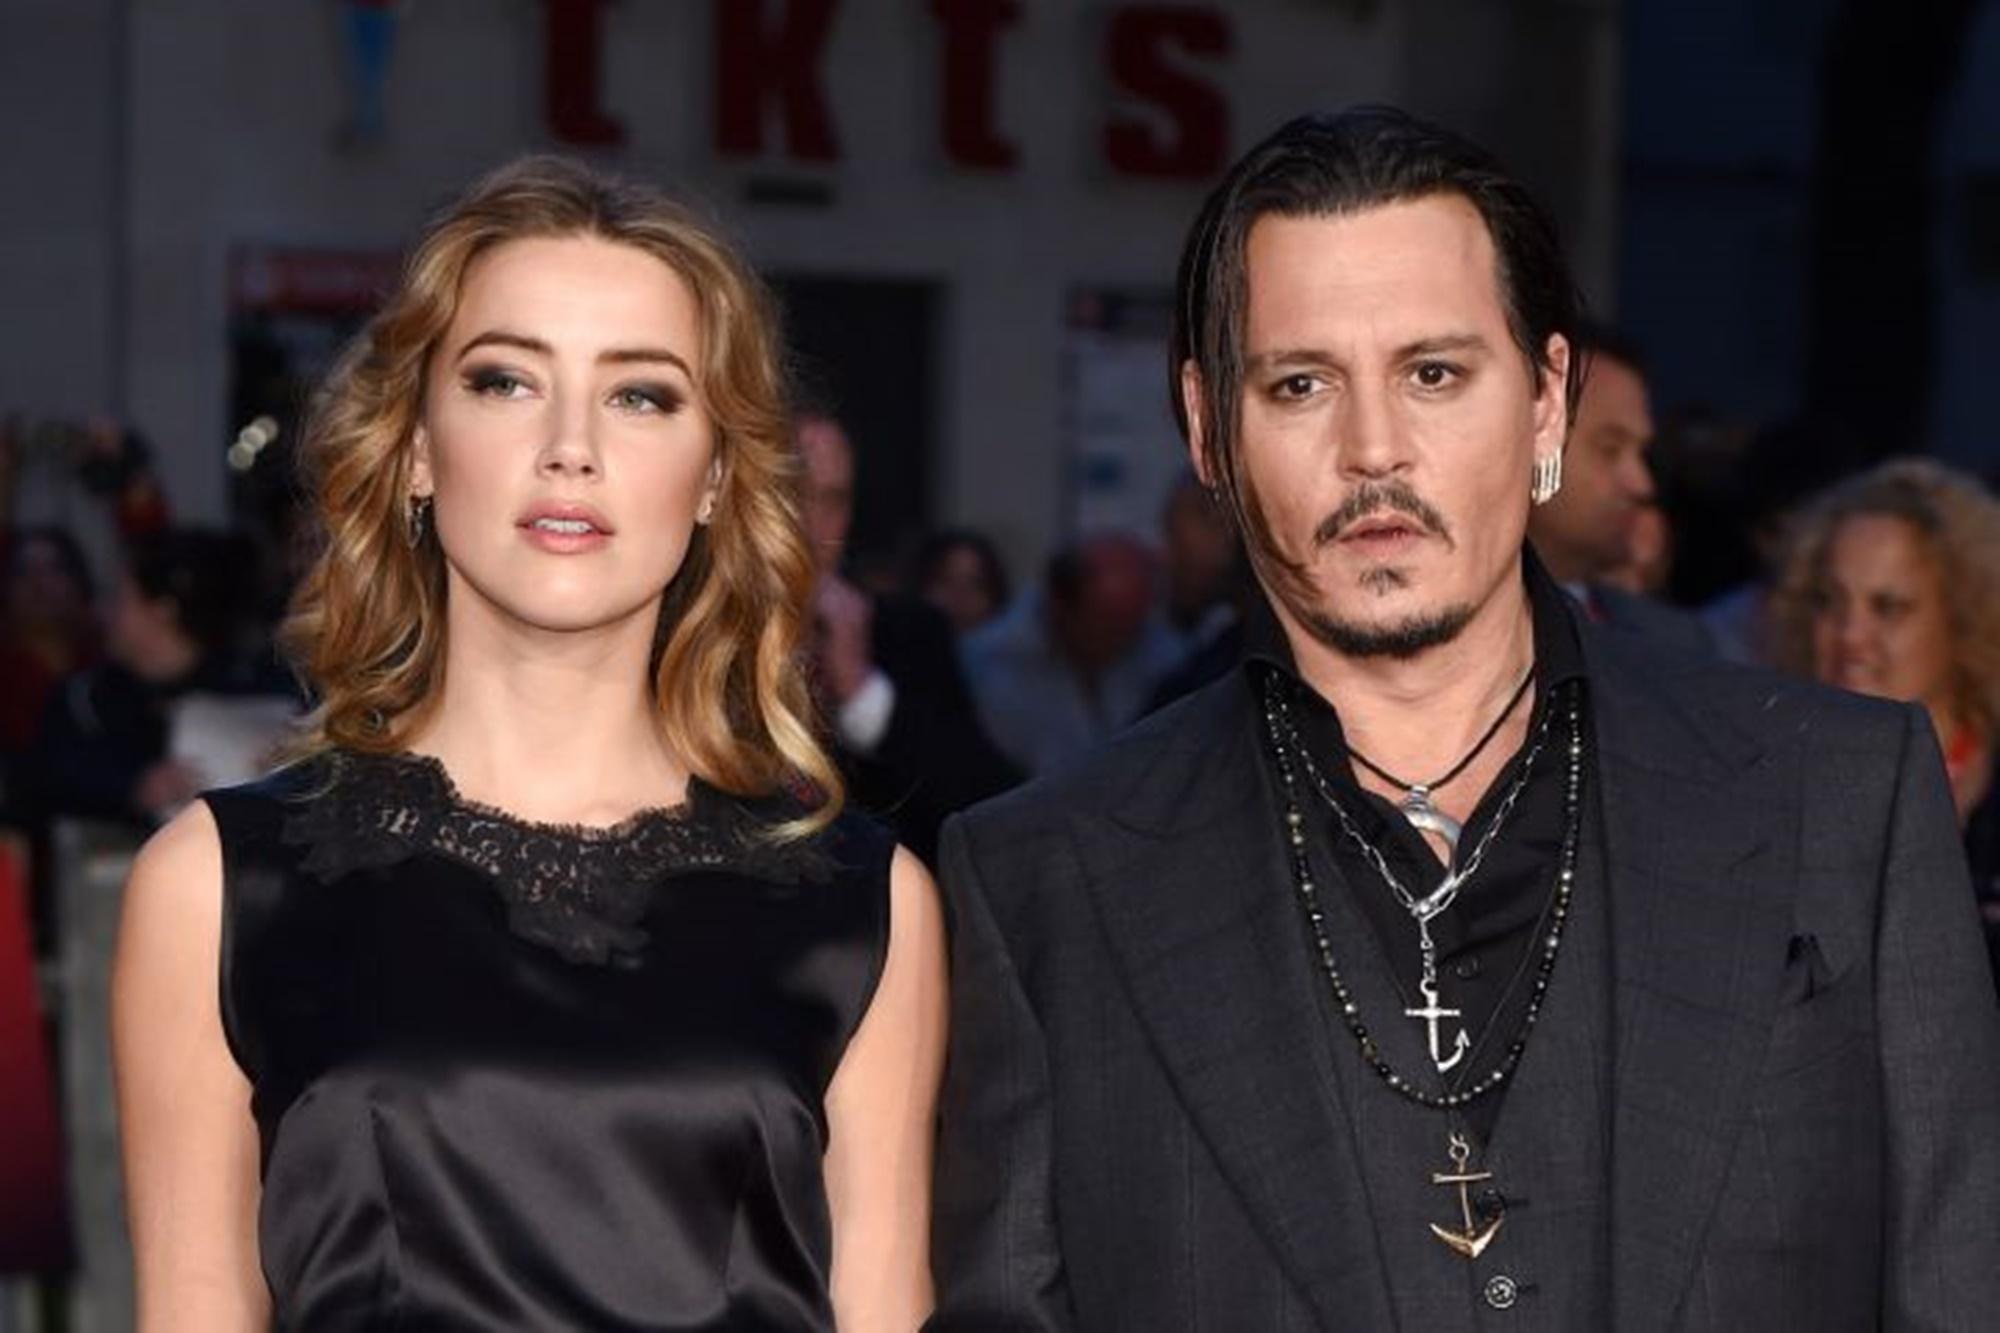 Amber Heard Johnny Depp Deposition